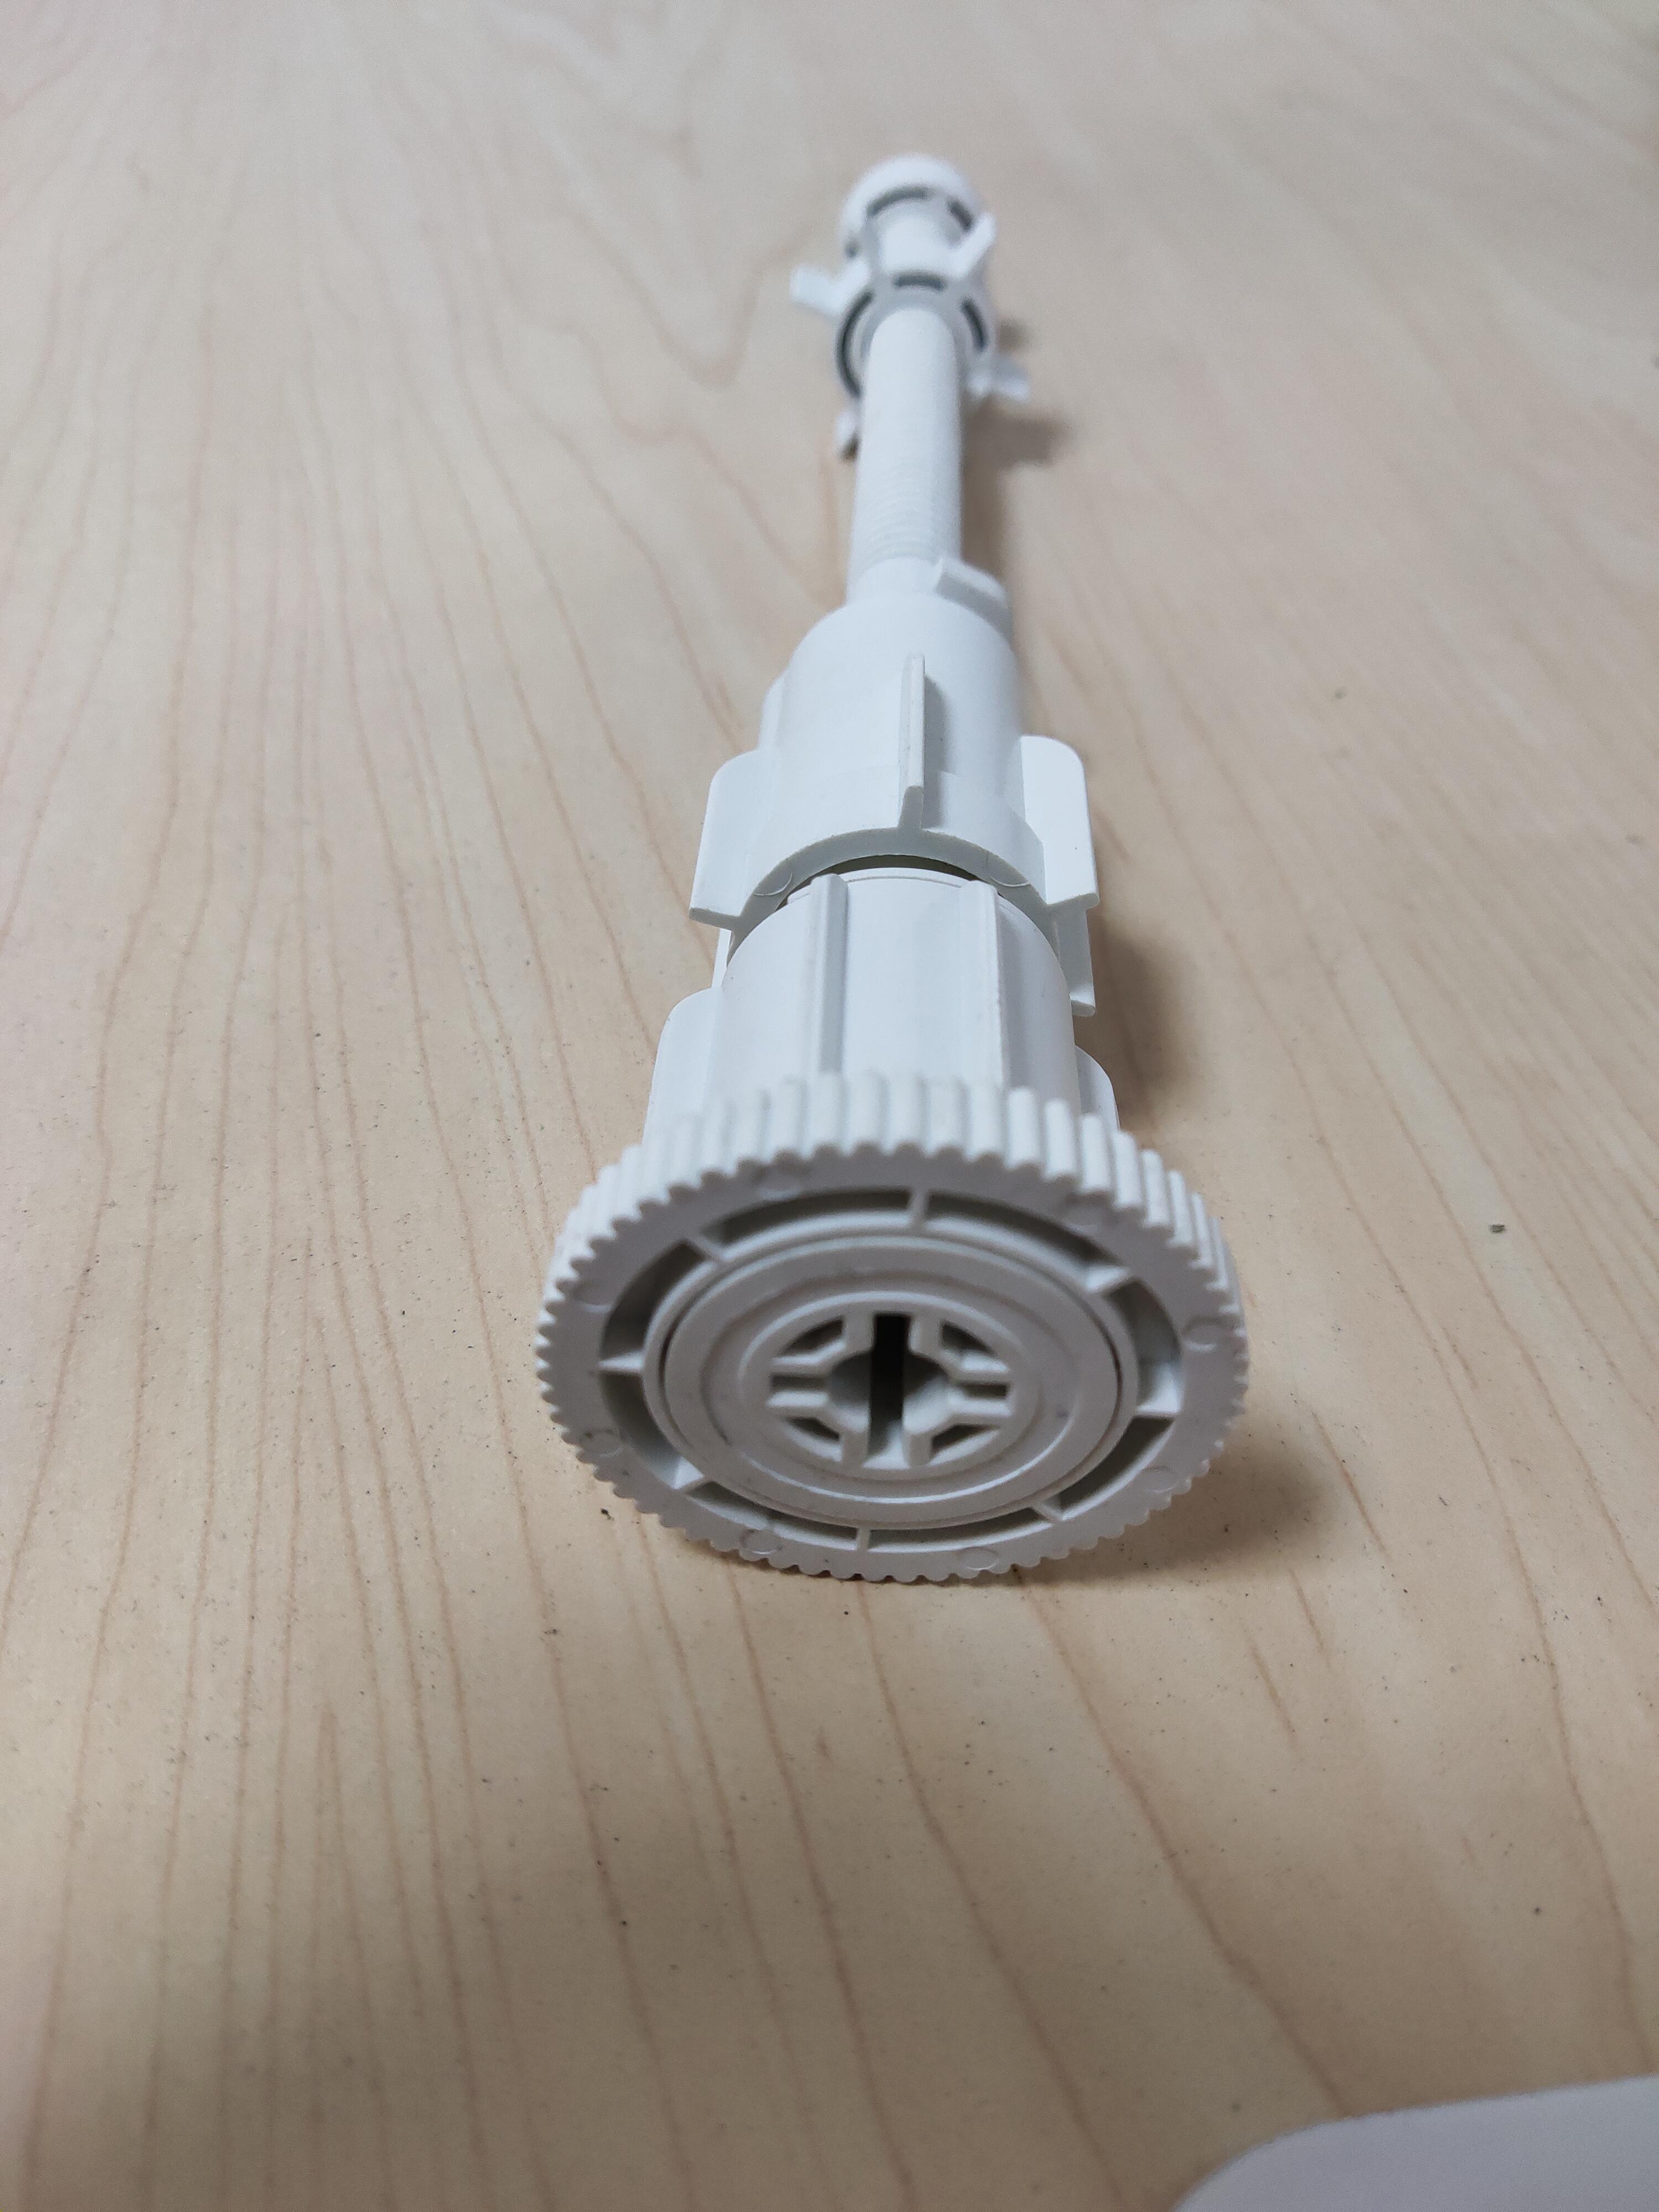 KT38T Cordless spring roller blinds system